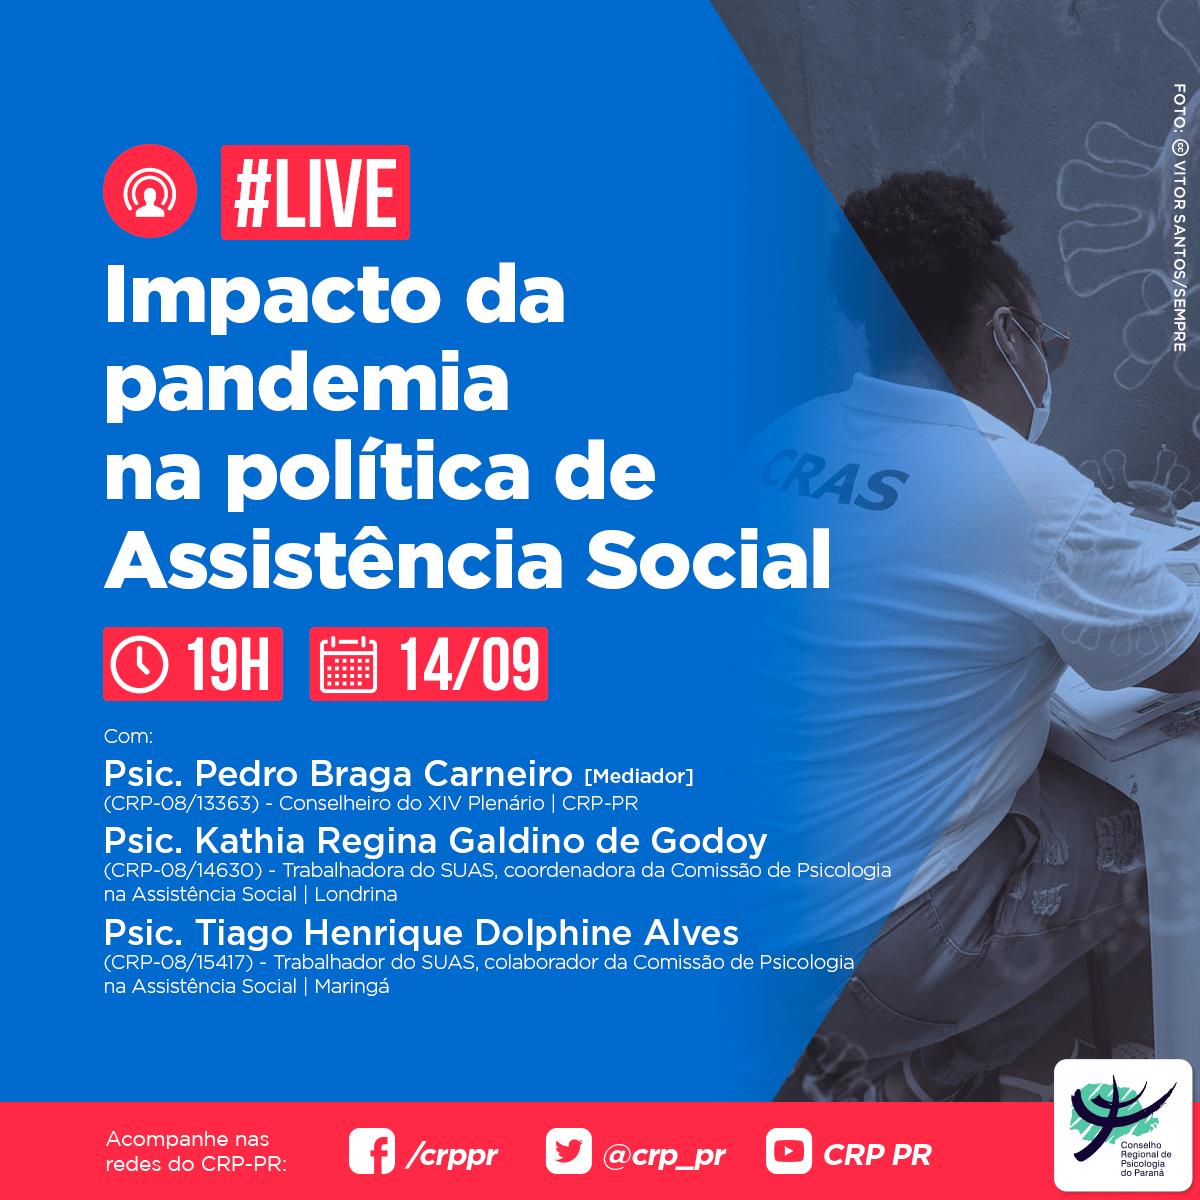 Live | Impacto da pandemia na política de Assistência Social